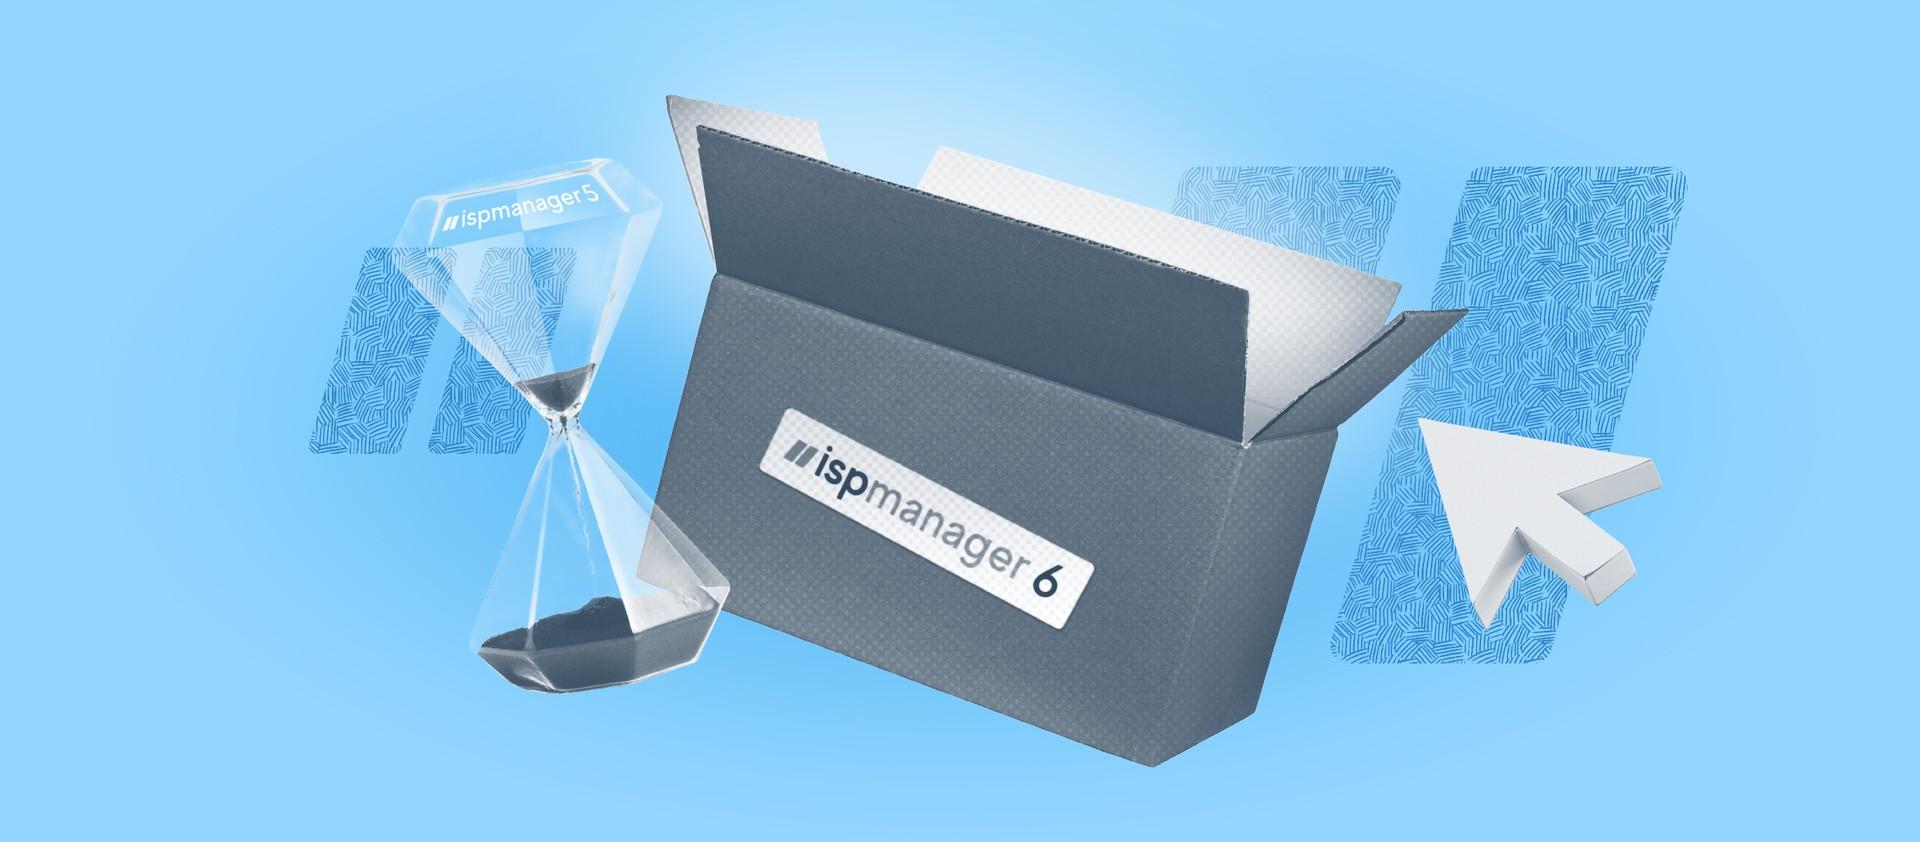 ISPmanager 6 – скоро в продаже. Текущая версия панели будет поддерживаться до конца 2021 года